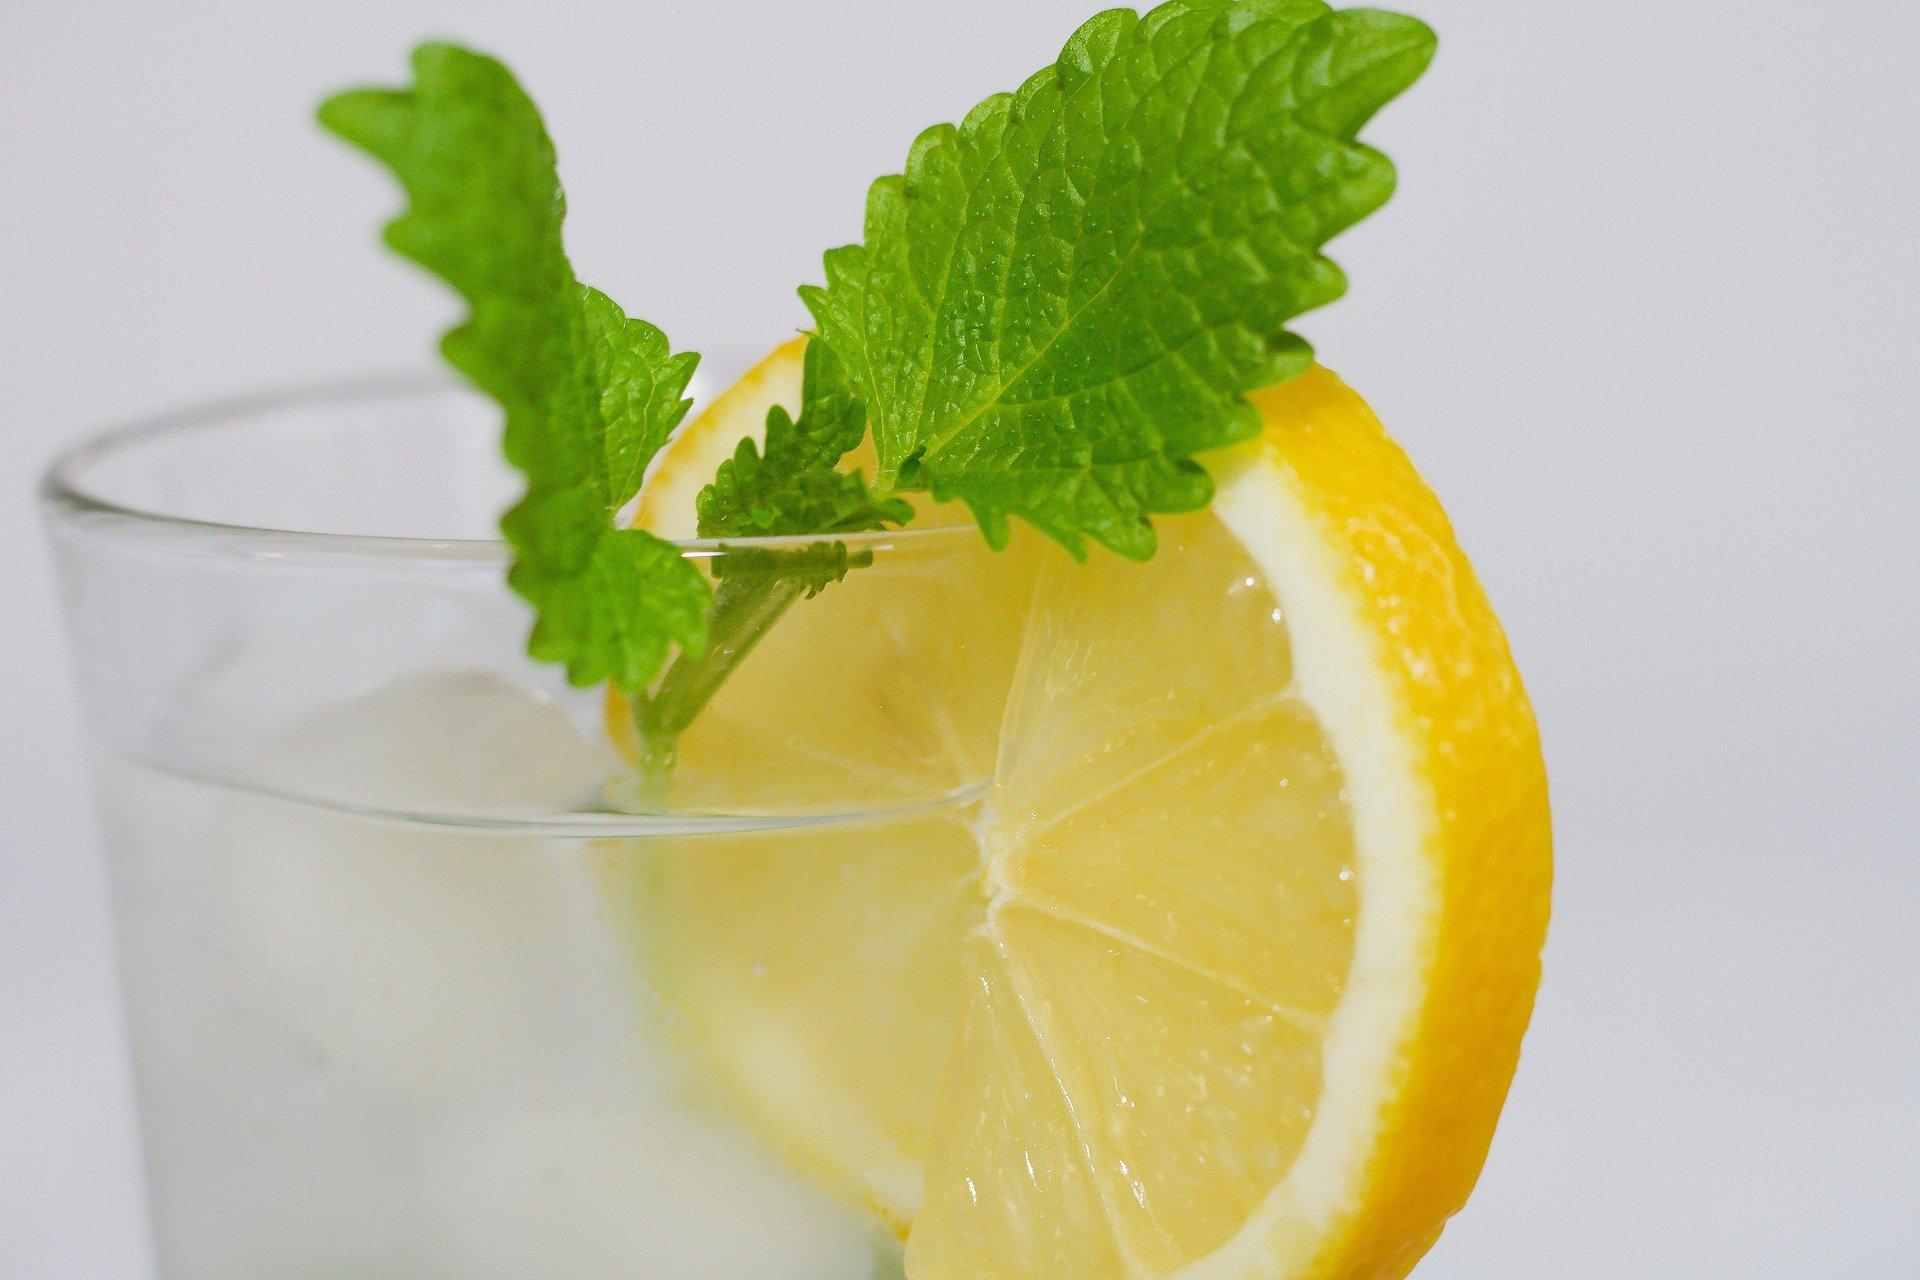 فوائد تناول عصير الليمون الصحية والجمالية